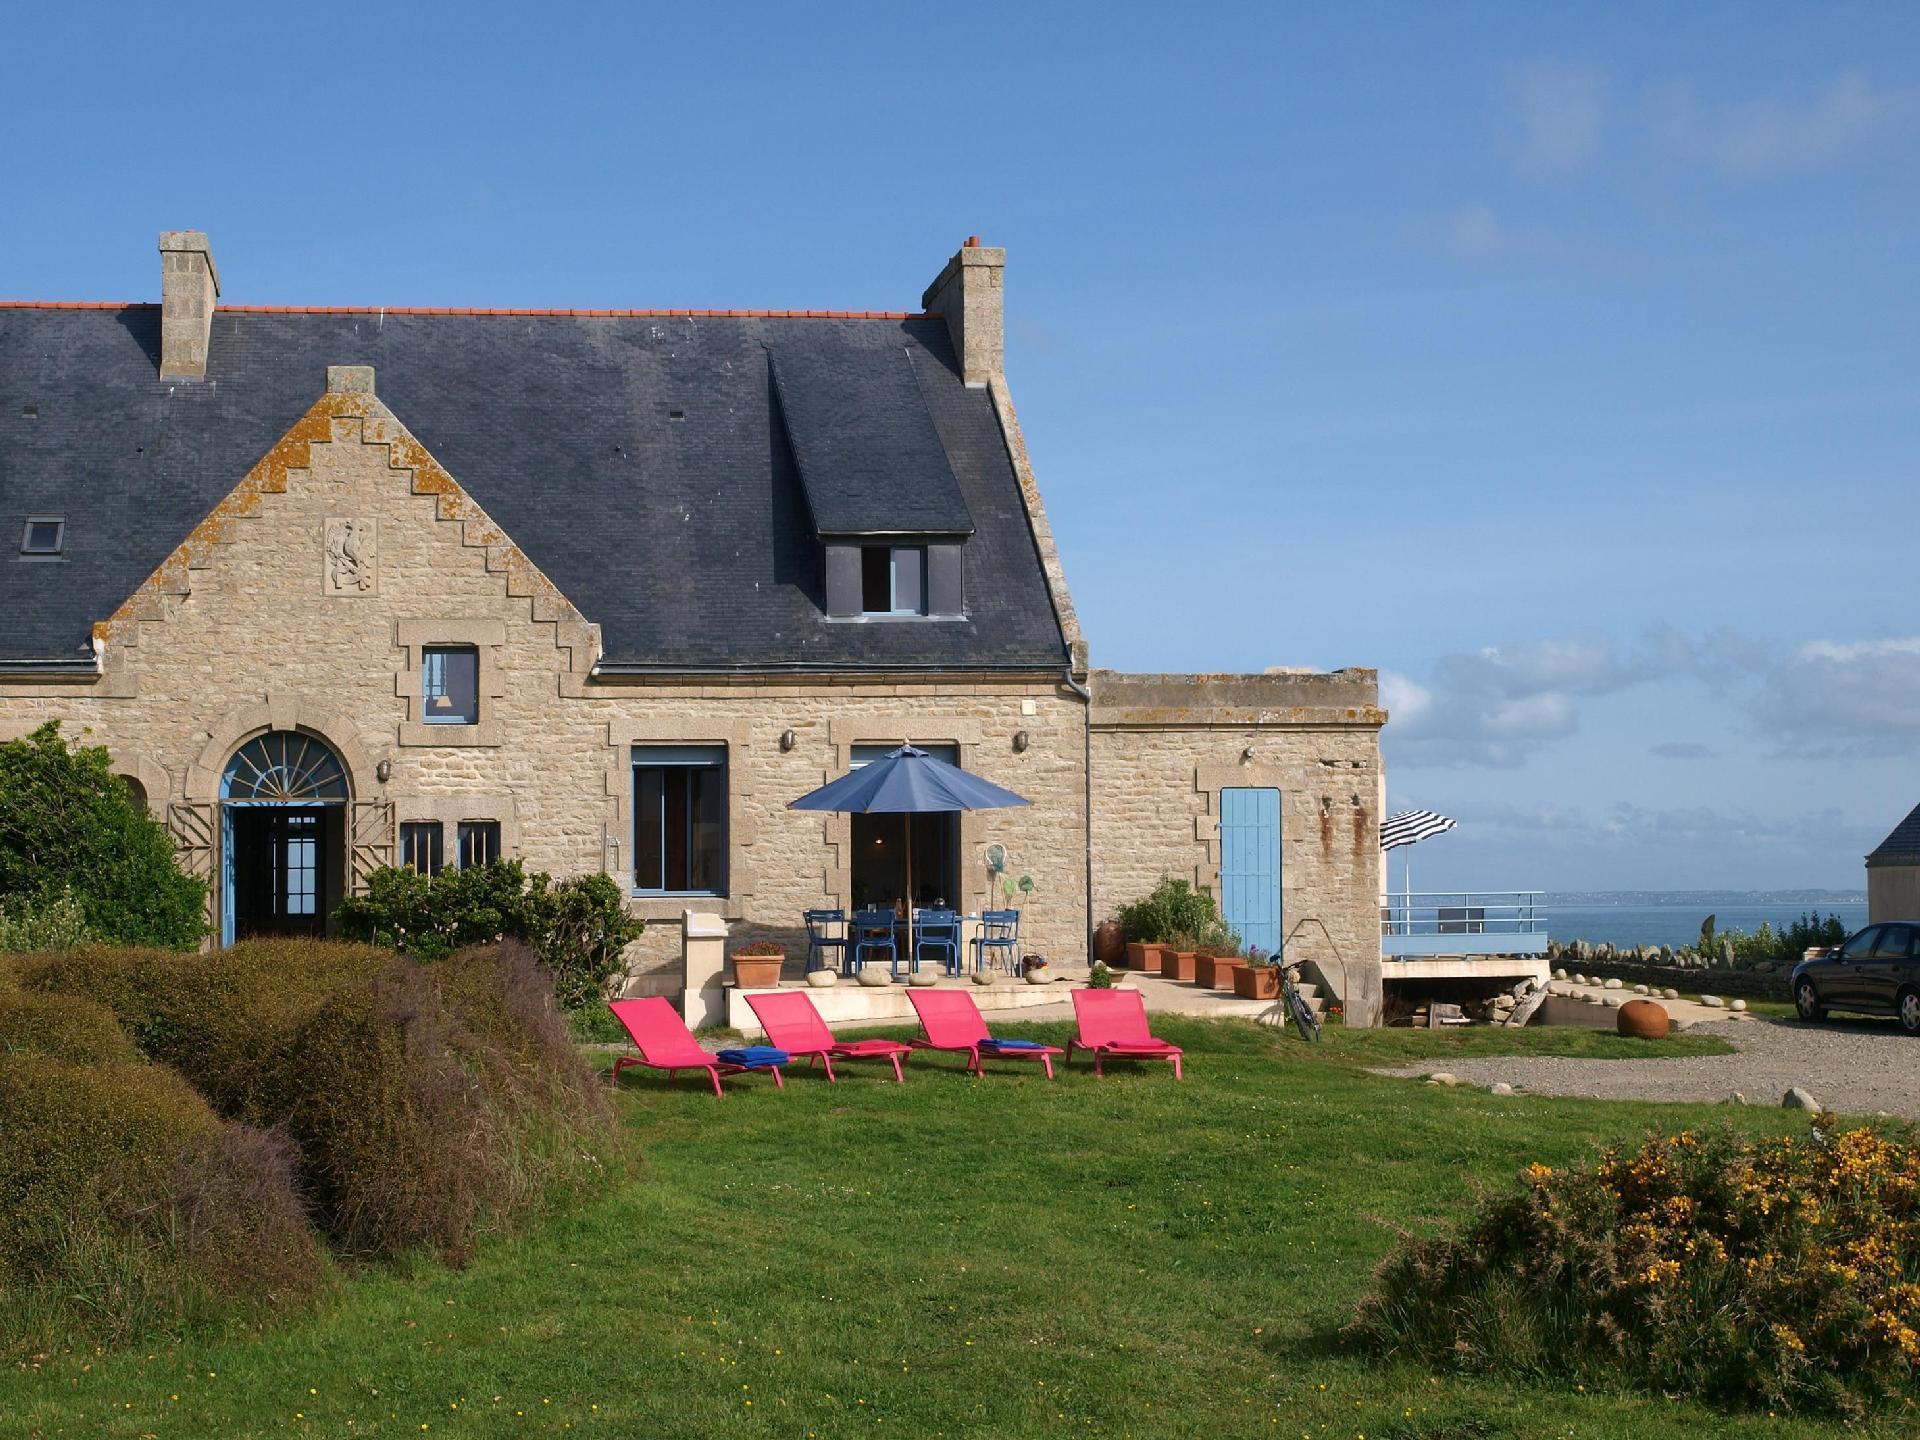 Ferienhaus mit zwei Terrassen, ideal für f&uu  in Frankreich